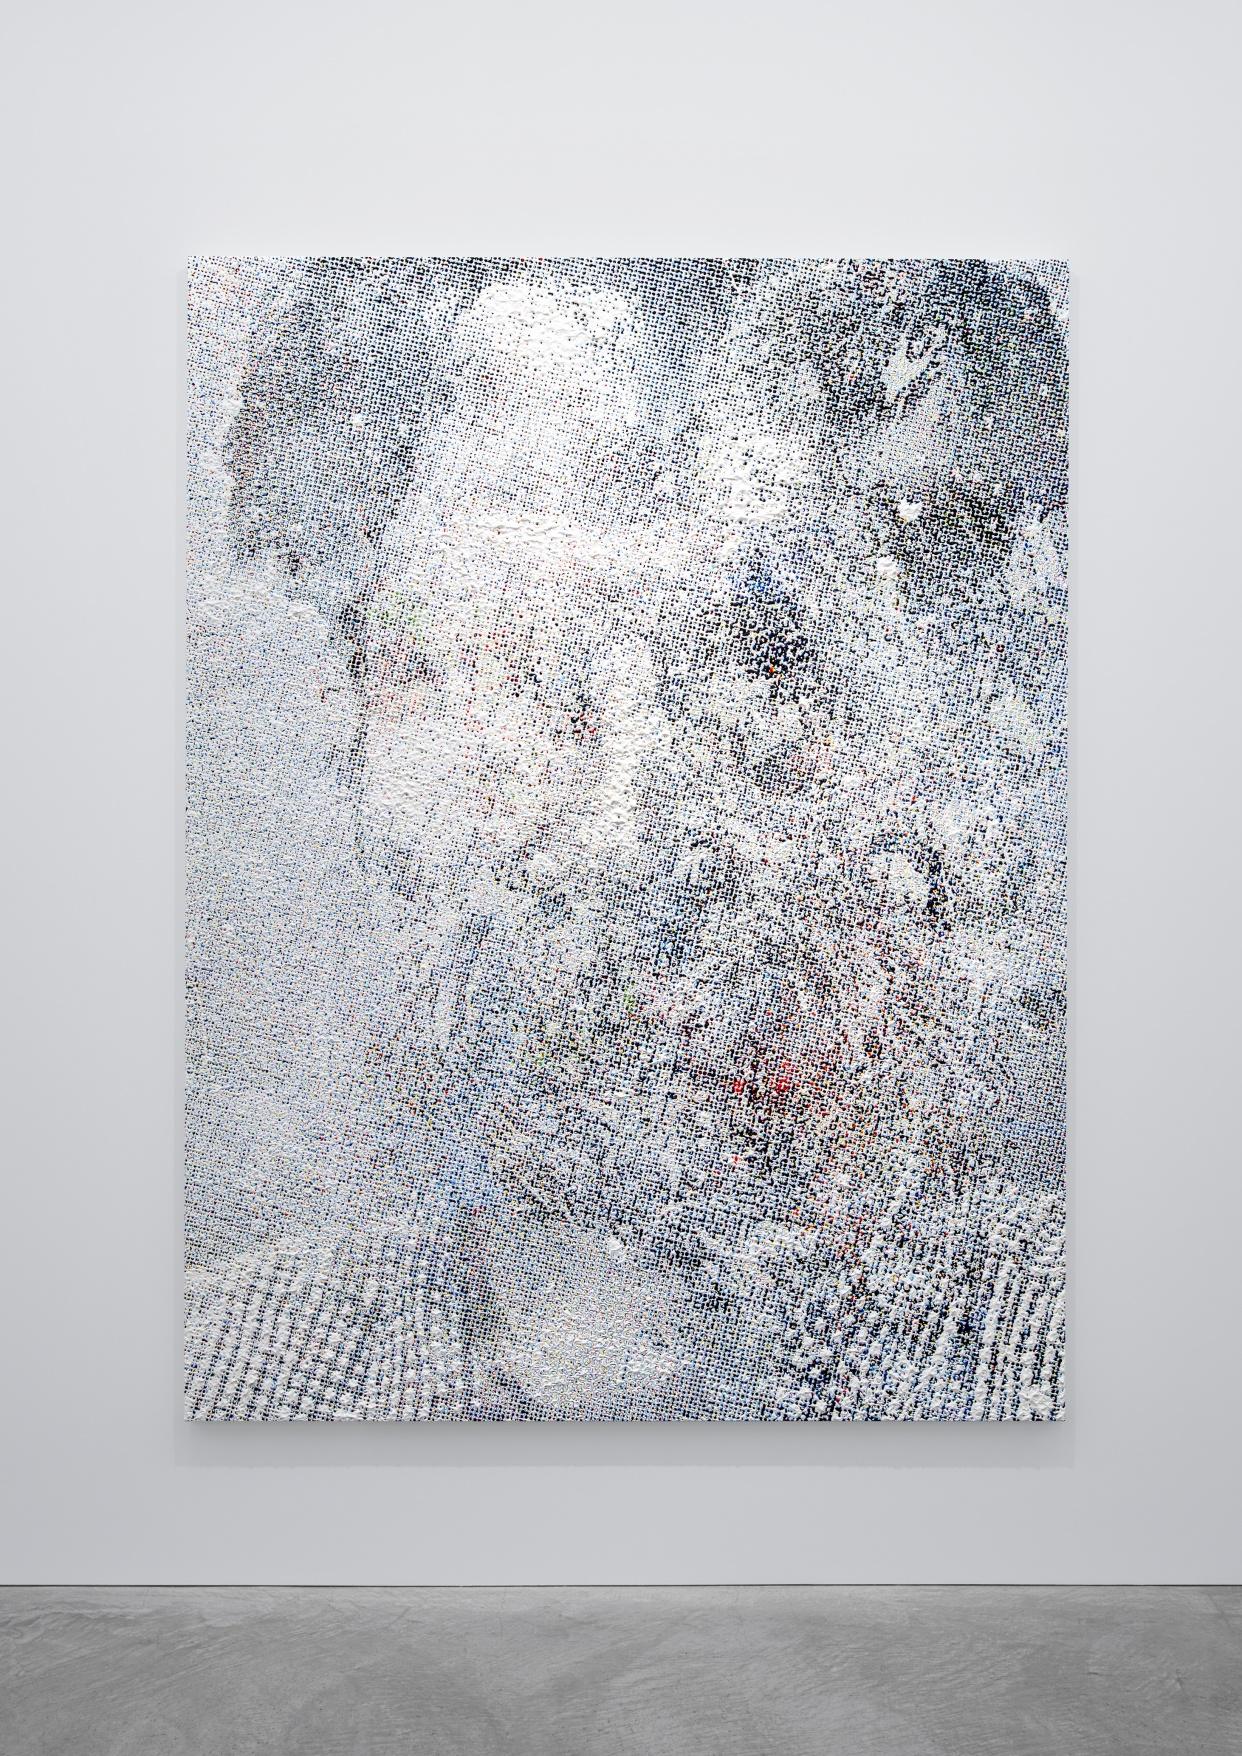 サイトウマコト「2100」 【今週のおすすめアート】